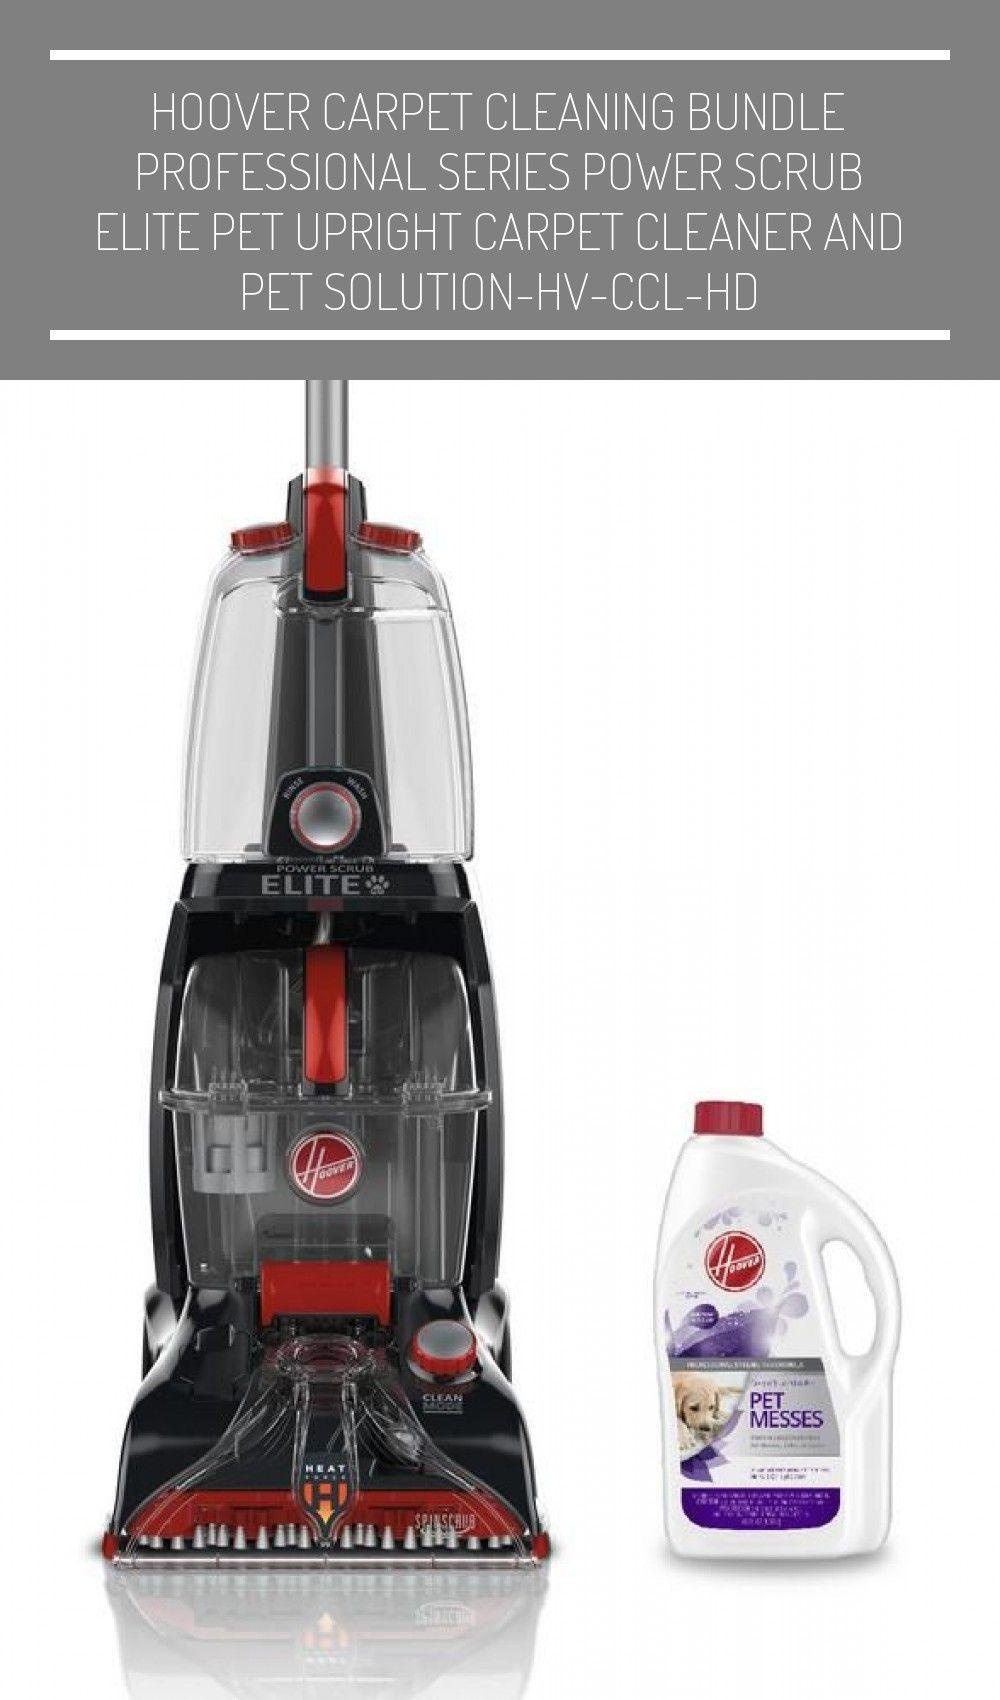 Hoover Teppichreinigung Bundle Professional Series Power Peeling Elite In 2020 Carpet Cleaner Vacuum Carpet Cleaners Vacuum Cleaner